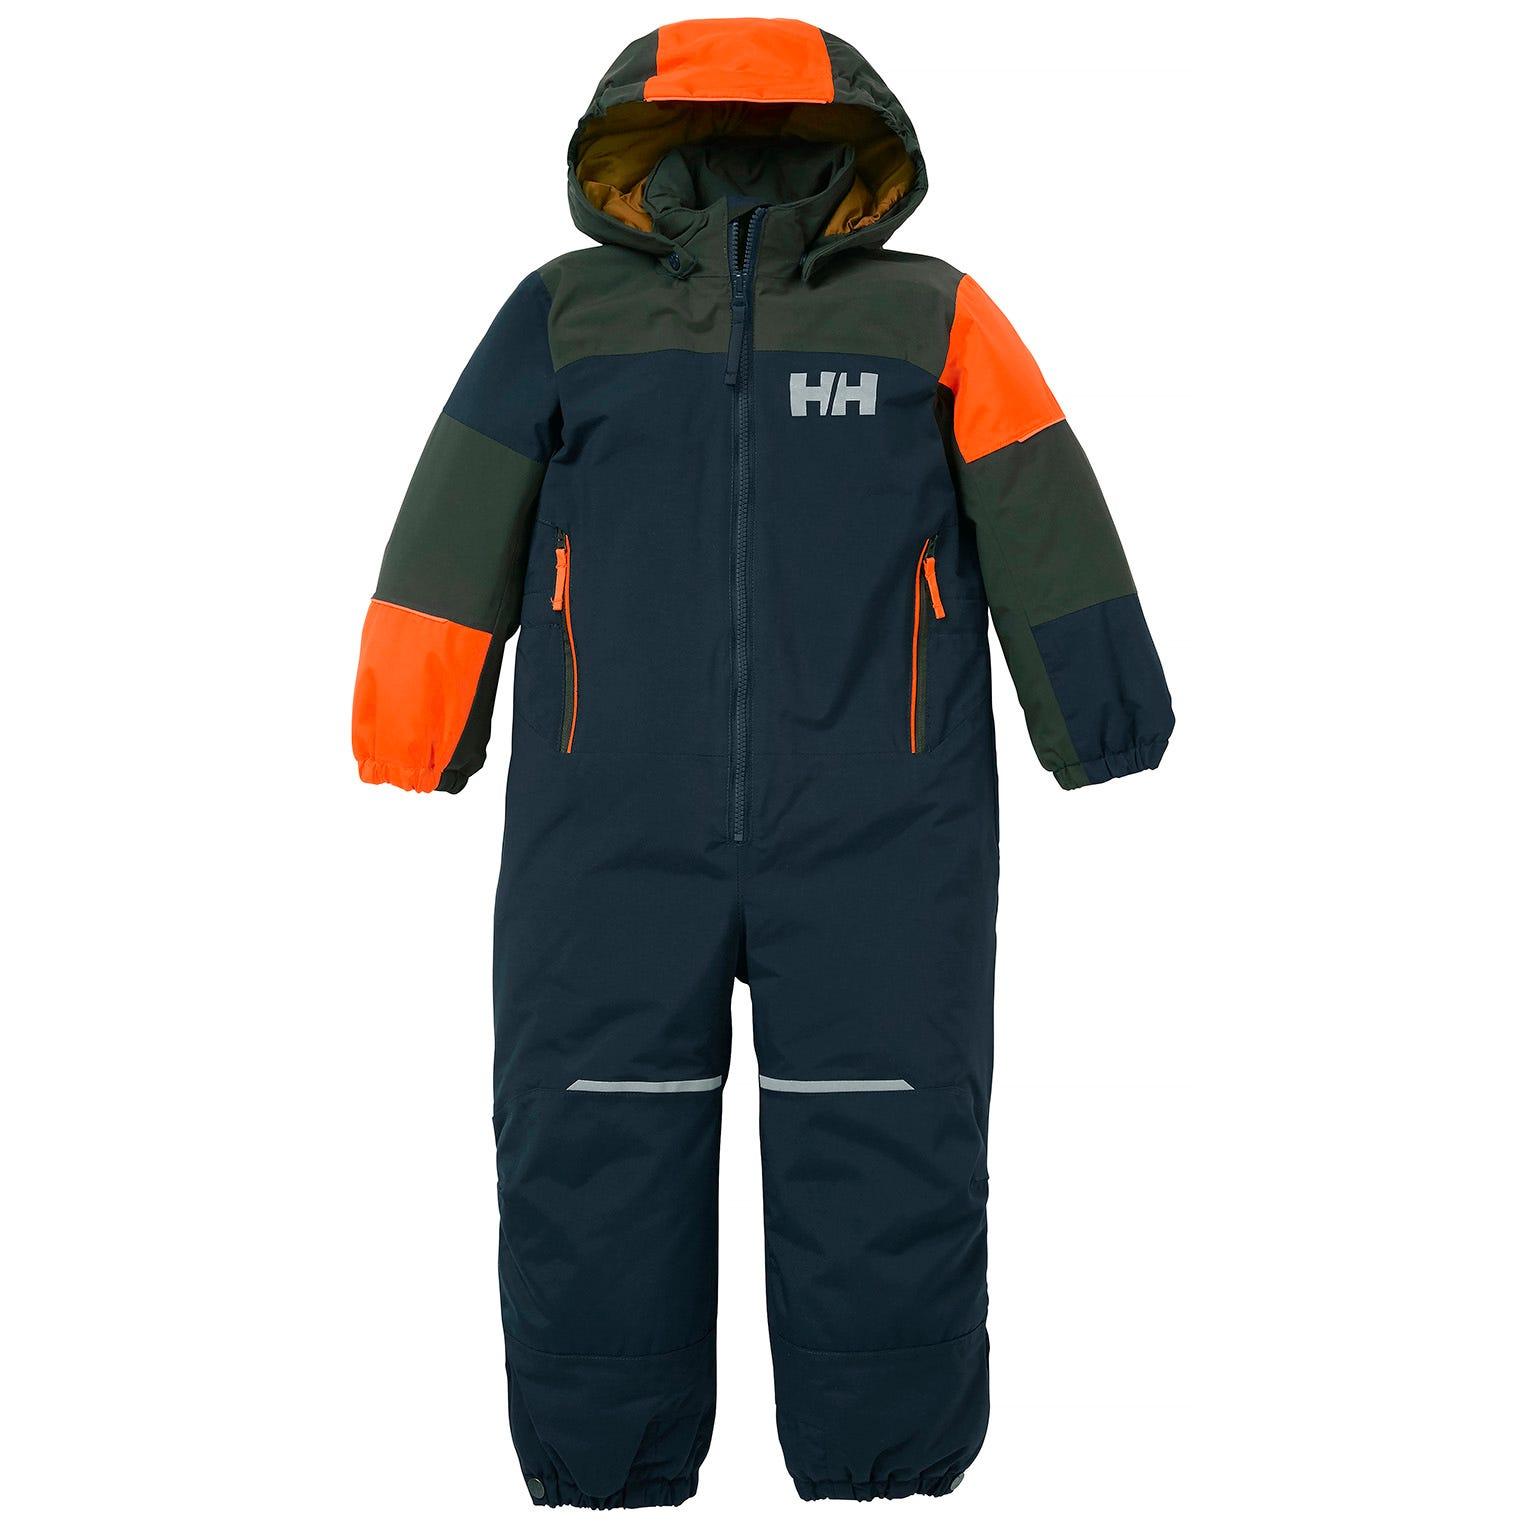 Helly Hansen Kids Rider 2 Insulated Suit Navy 116/6